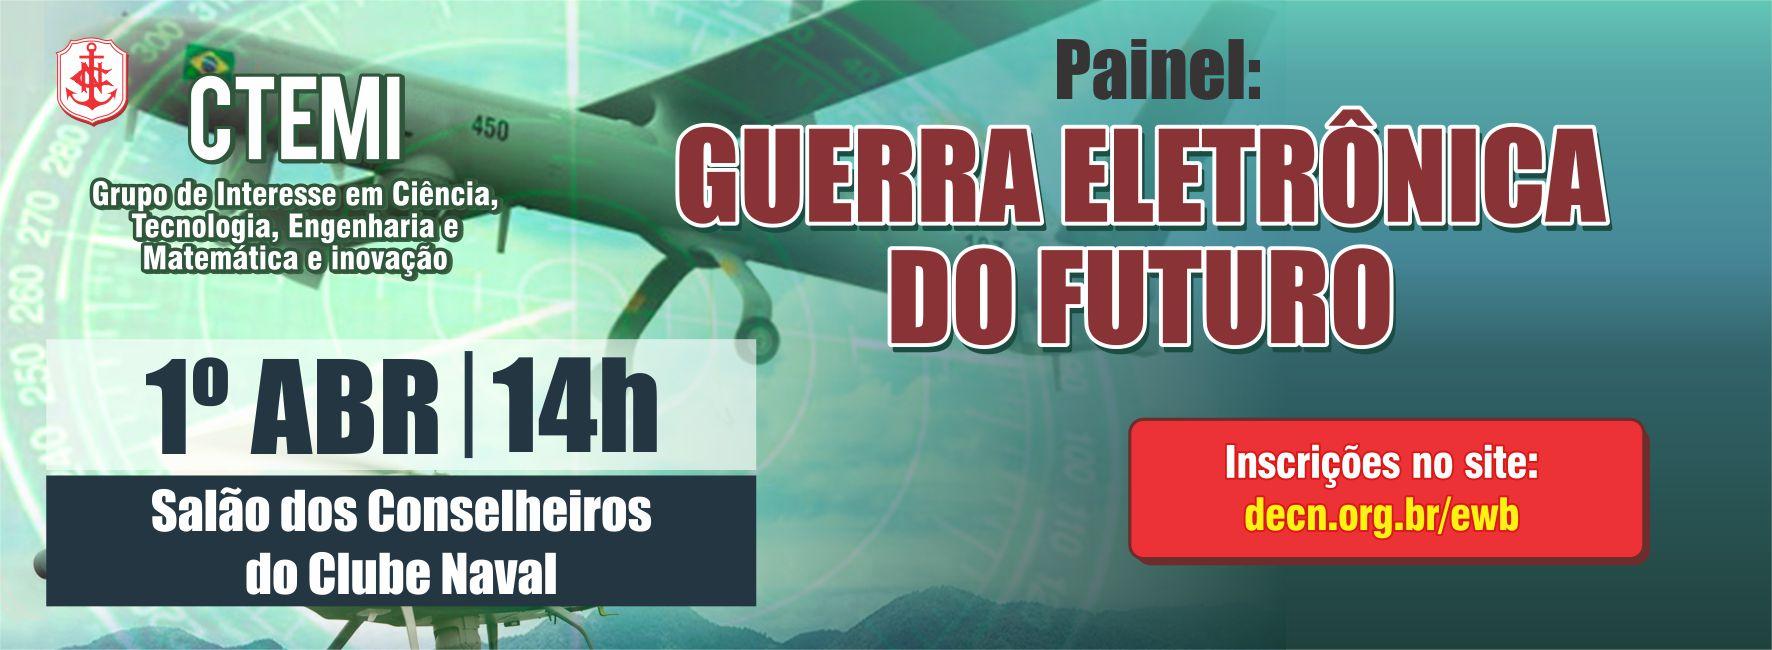 https://www.clubenaval.org.br/novo/ctemi-grupo-de-interesse-em-ci%C3%AAnciatecnologia-engenharia-matem%C3%A1tica-e-inova%C3%A7%C3%A3o